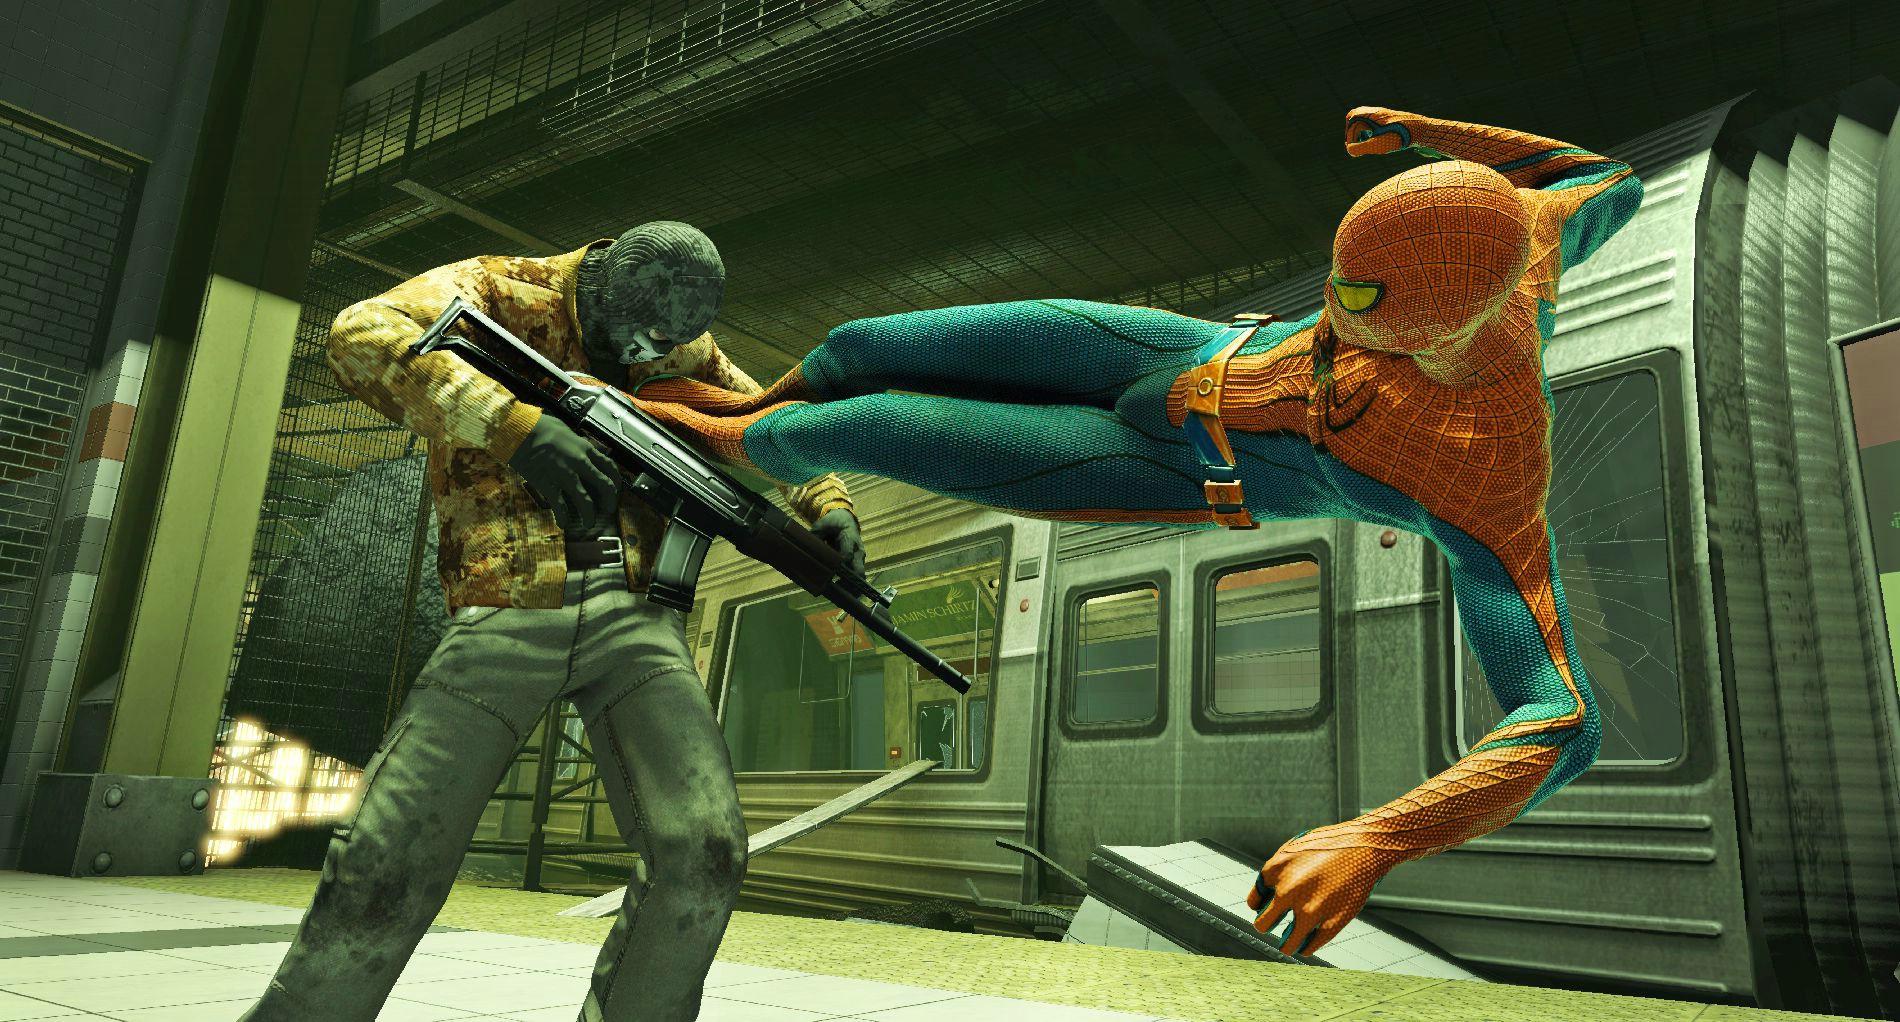 Cкачать Новый Человек-паук / The Amazing Spider-Man (2012/Rus/Eng/Ger